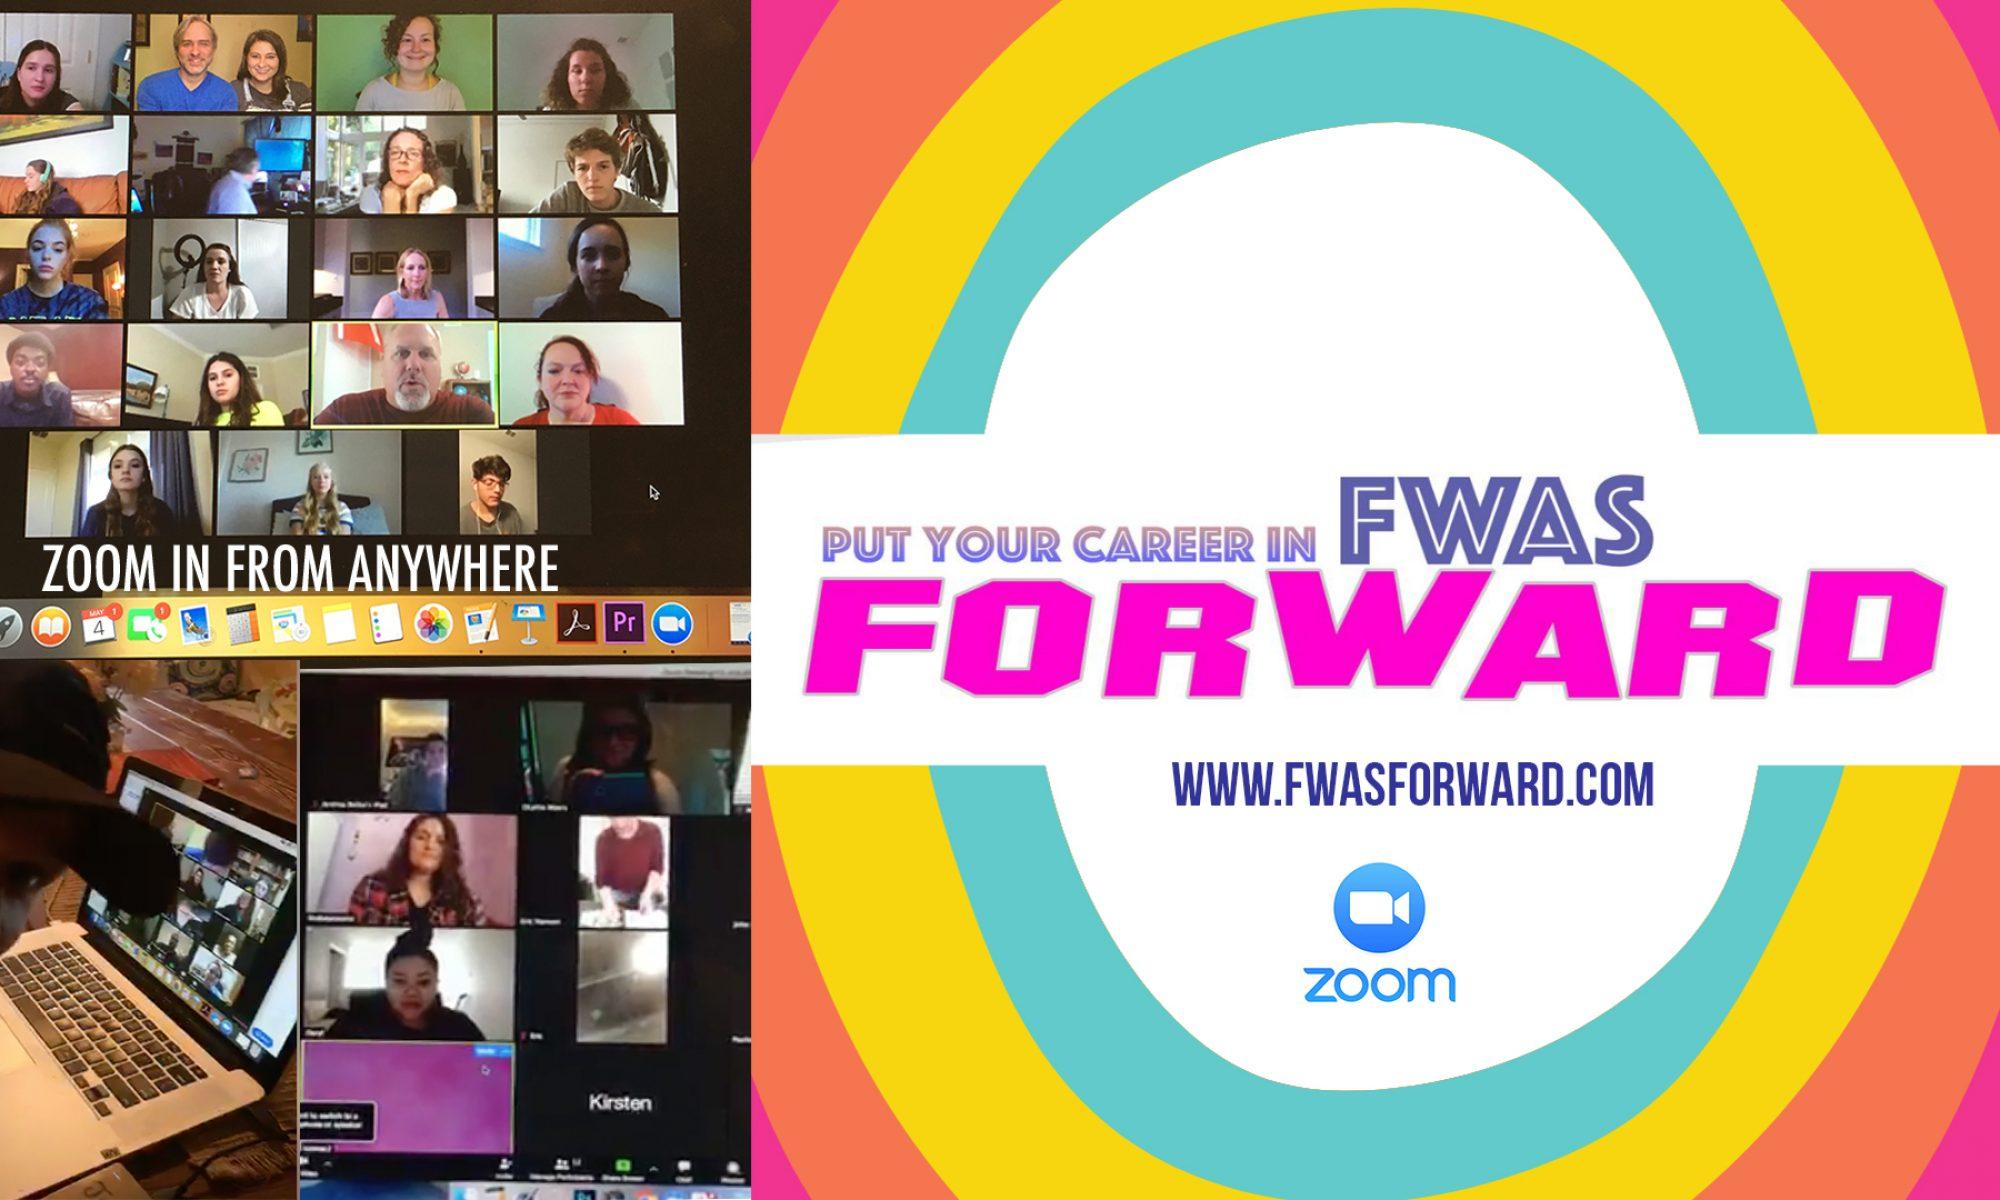 FWAS Forward